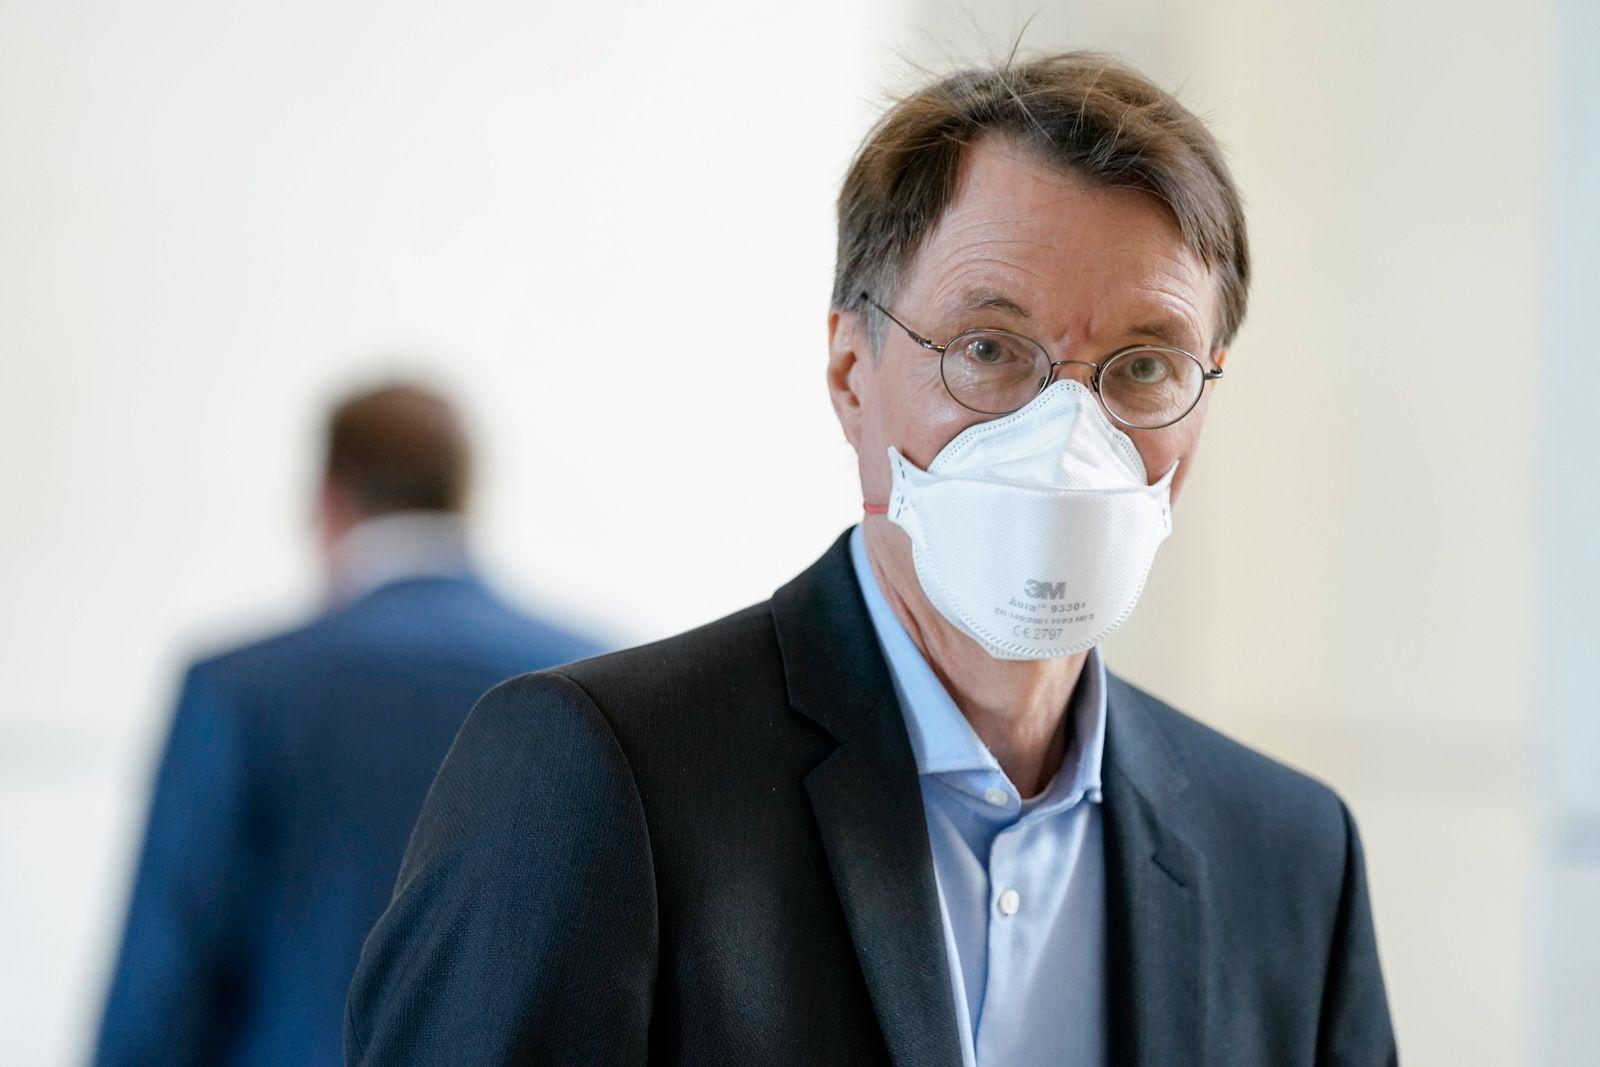 234. Bundestagssitzung und Debatte Aktuell, 11.06.2021, Berlin, Prof. Dr. Karl Lauterbach im Portrait auf dem Weg zur n